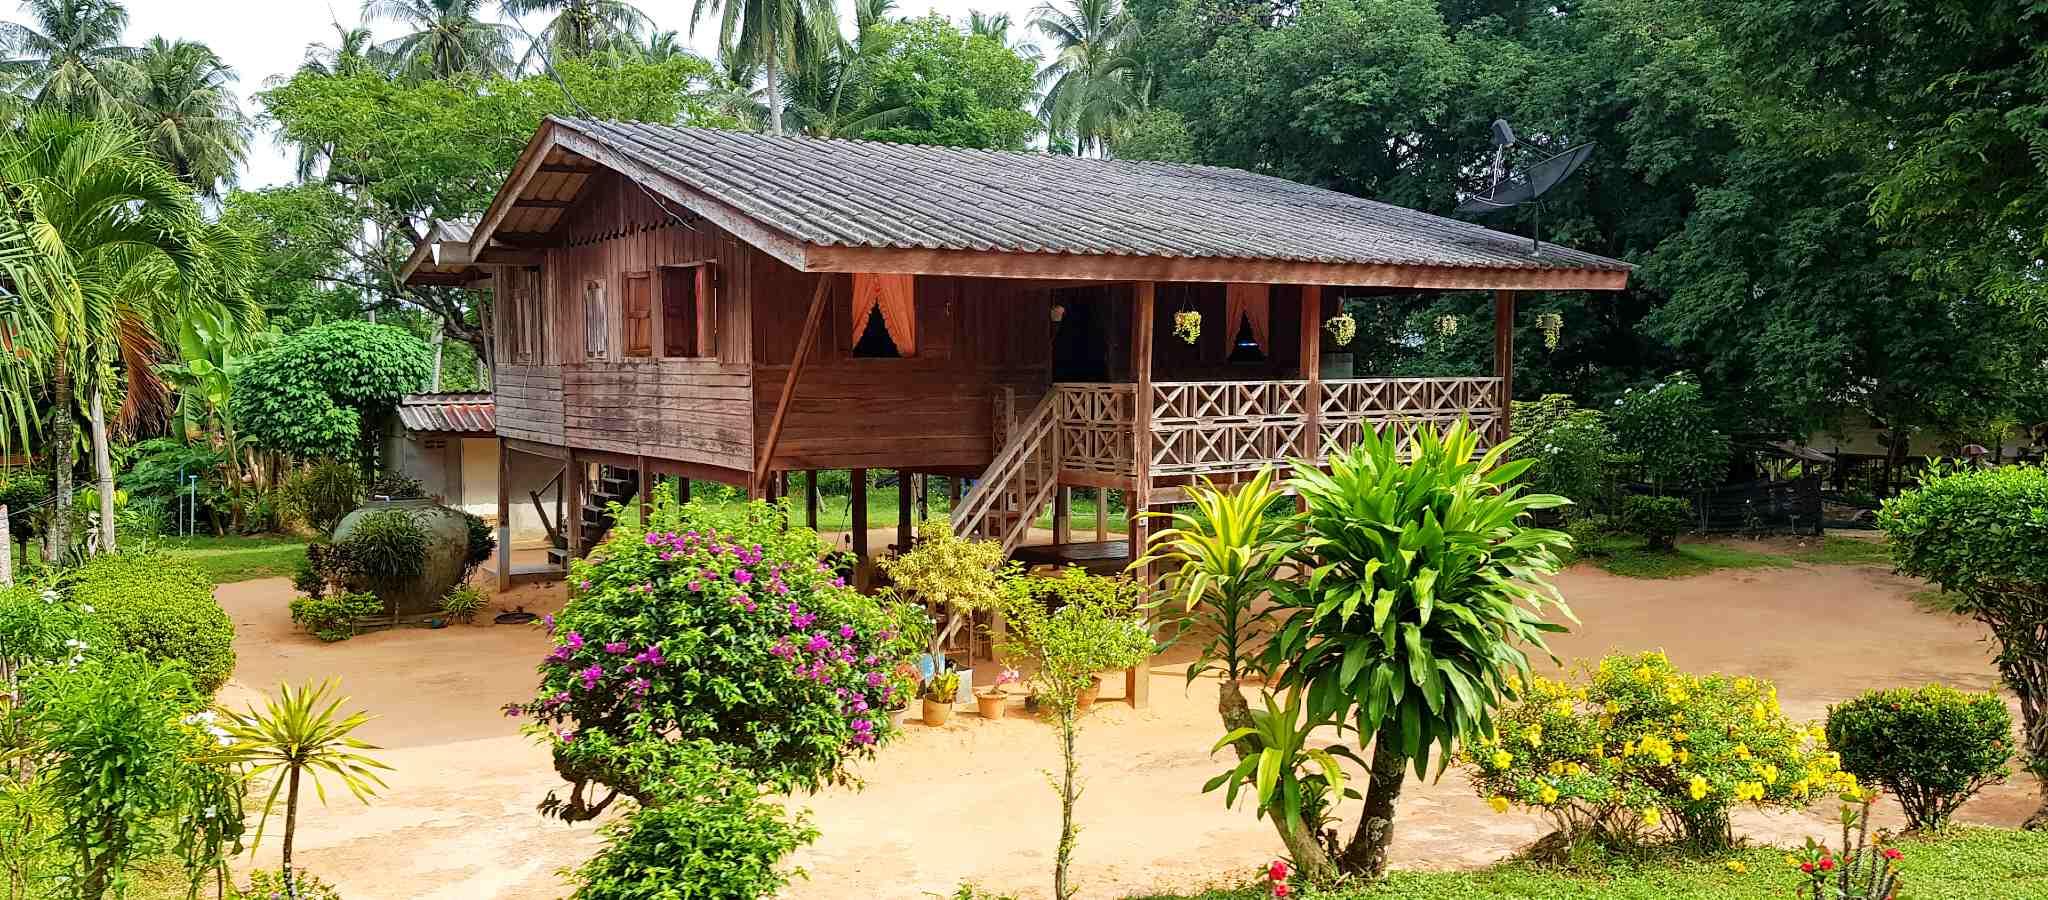 Koh Yao Yai traditioneel houten huis